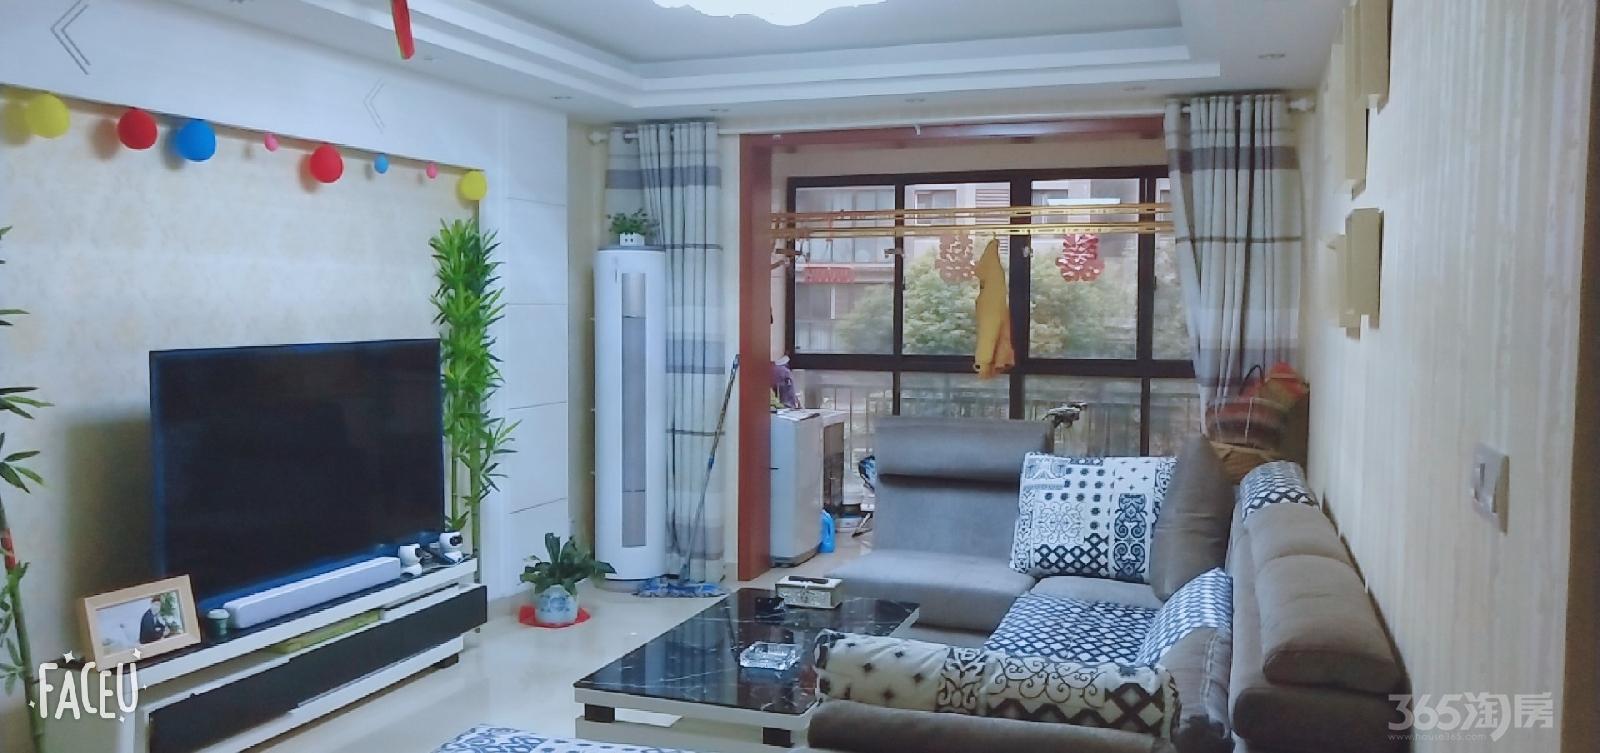 大华锦绣华城2室1厅1卫95.4平米2011年产权房精装